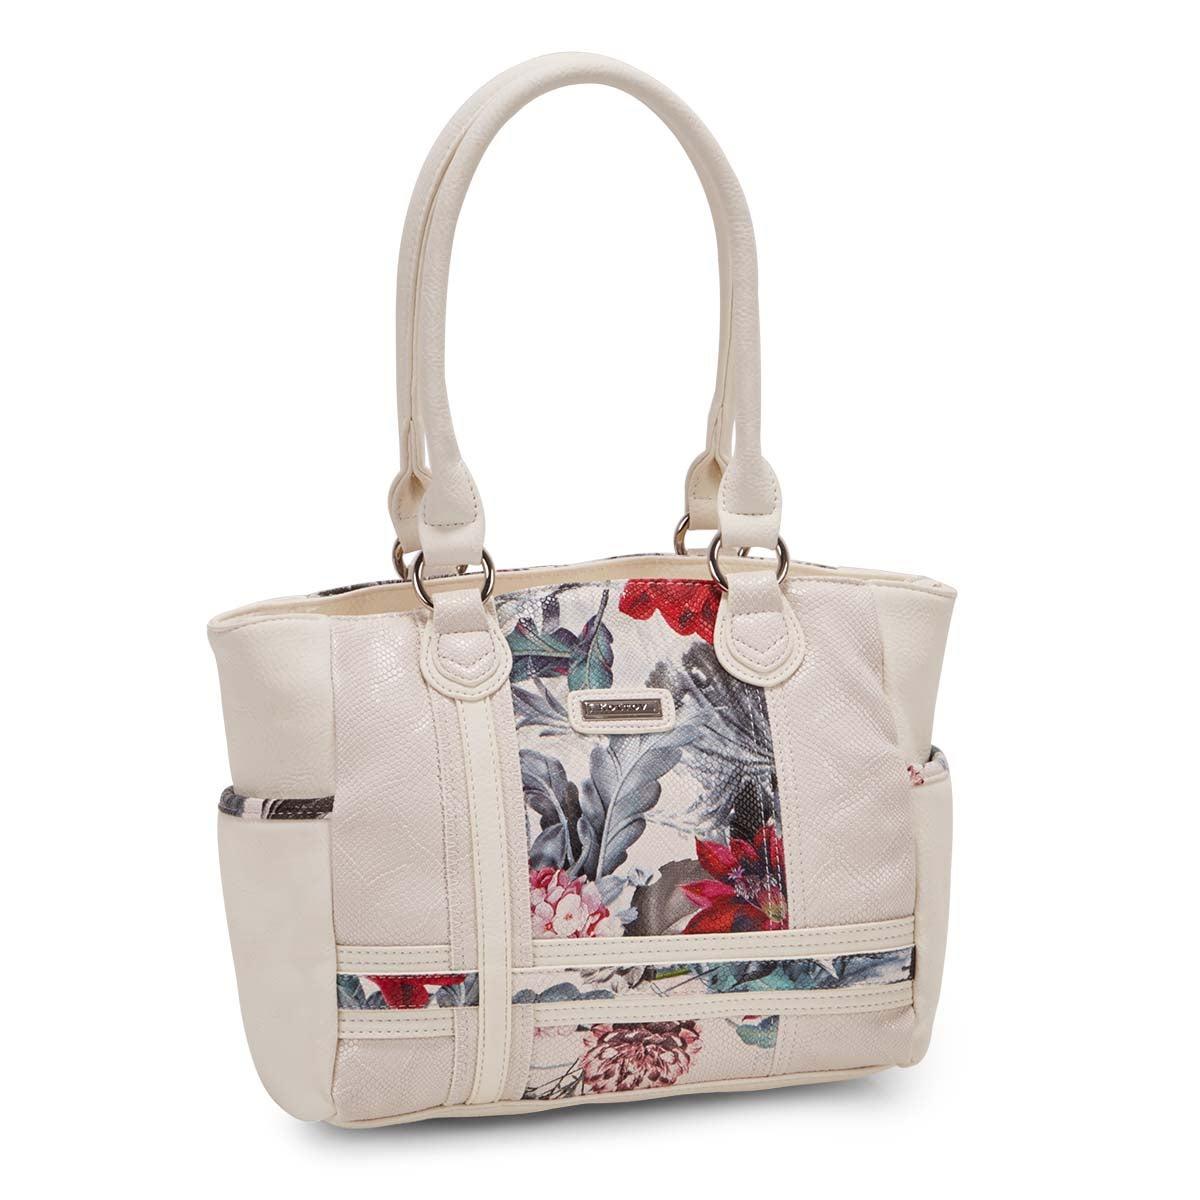 Lds Clark floral multi satchel